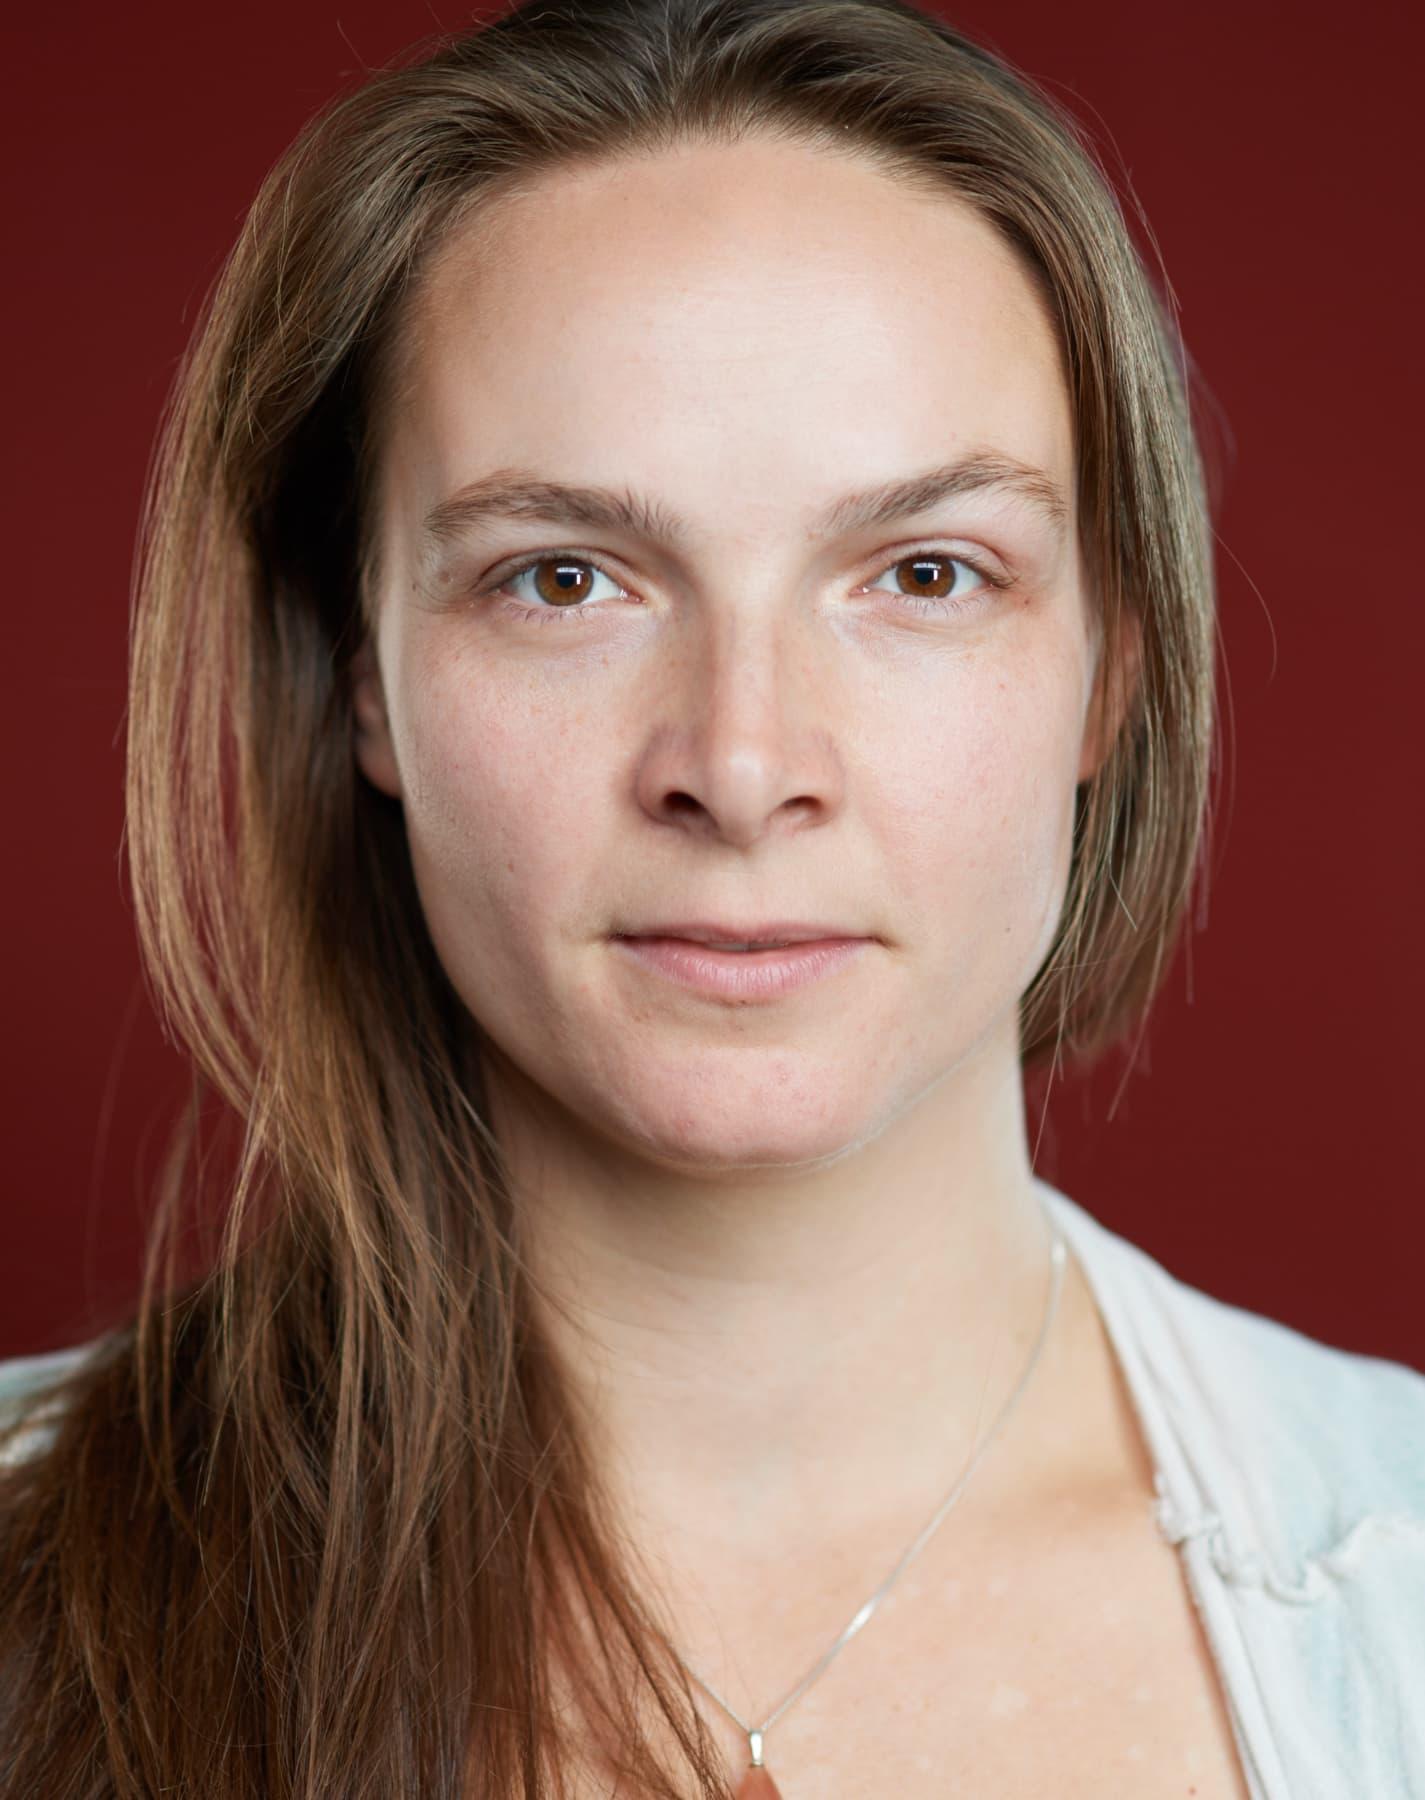 Portrait von einer entschlossenen Frau vor rotem Hintergrund